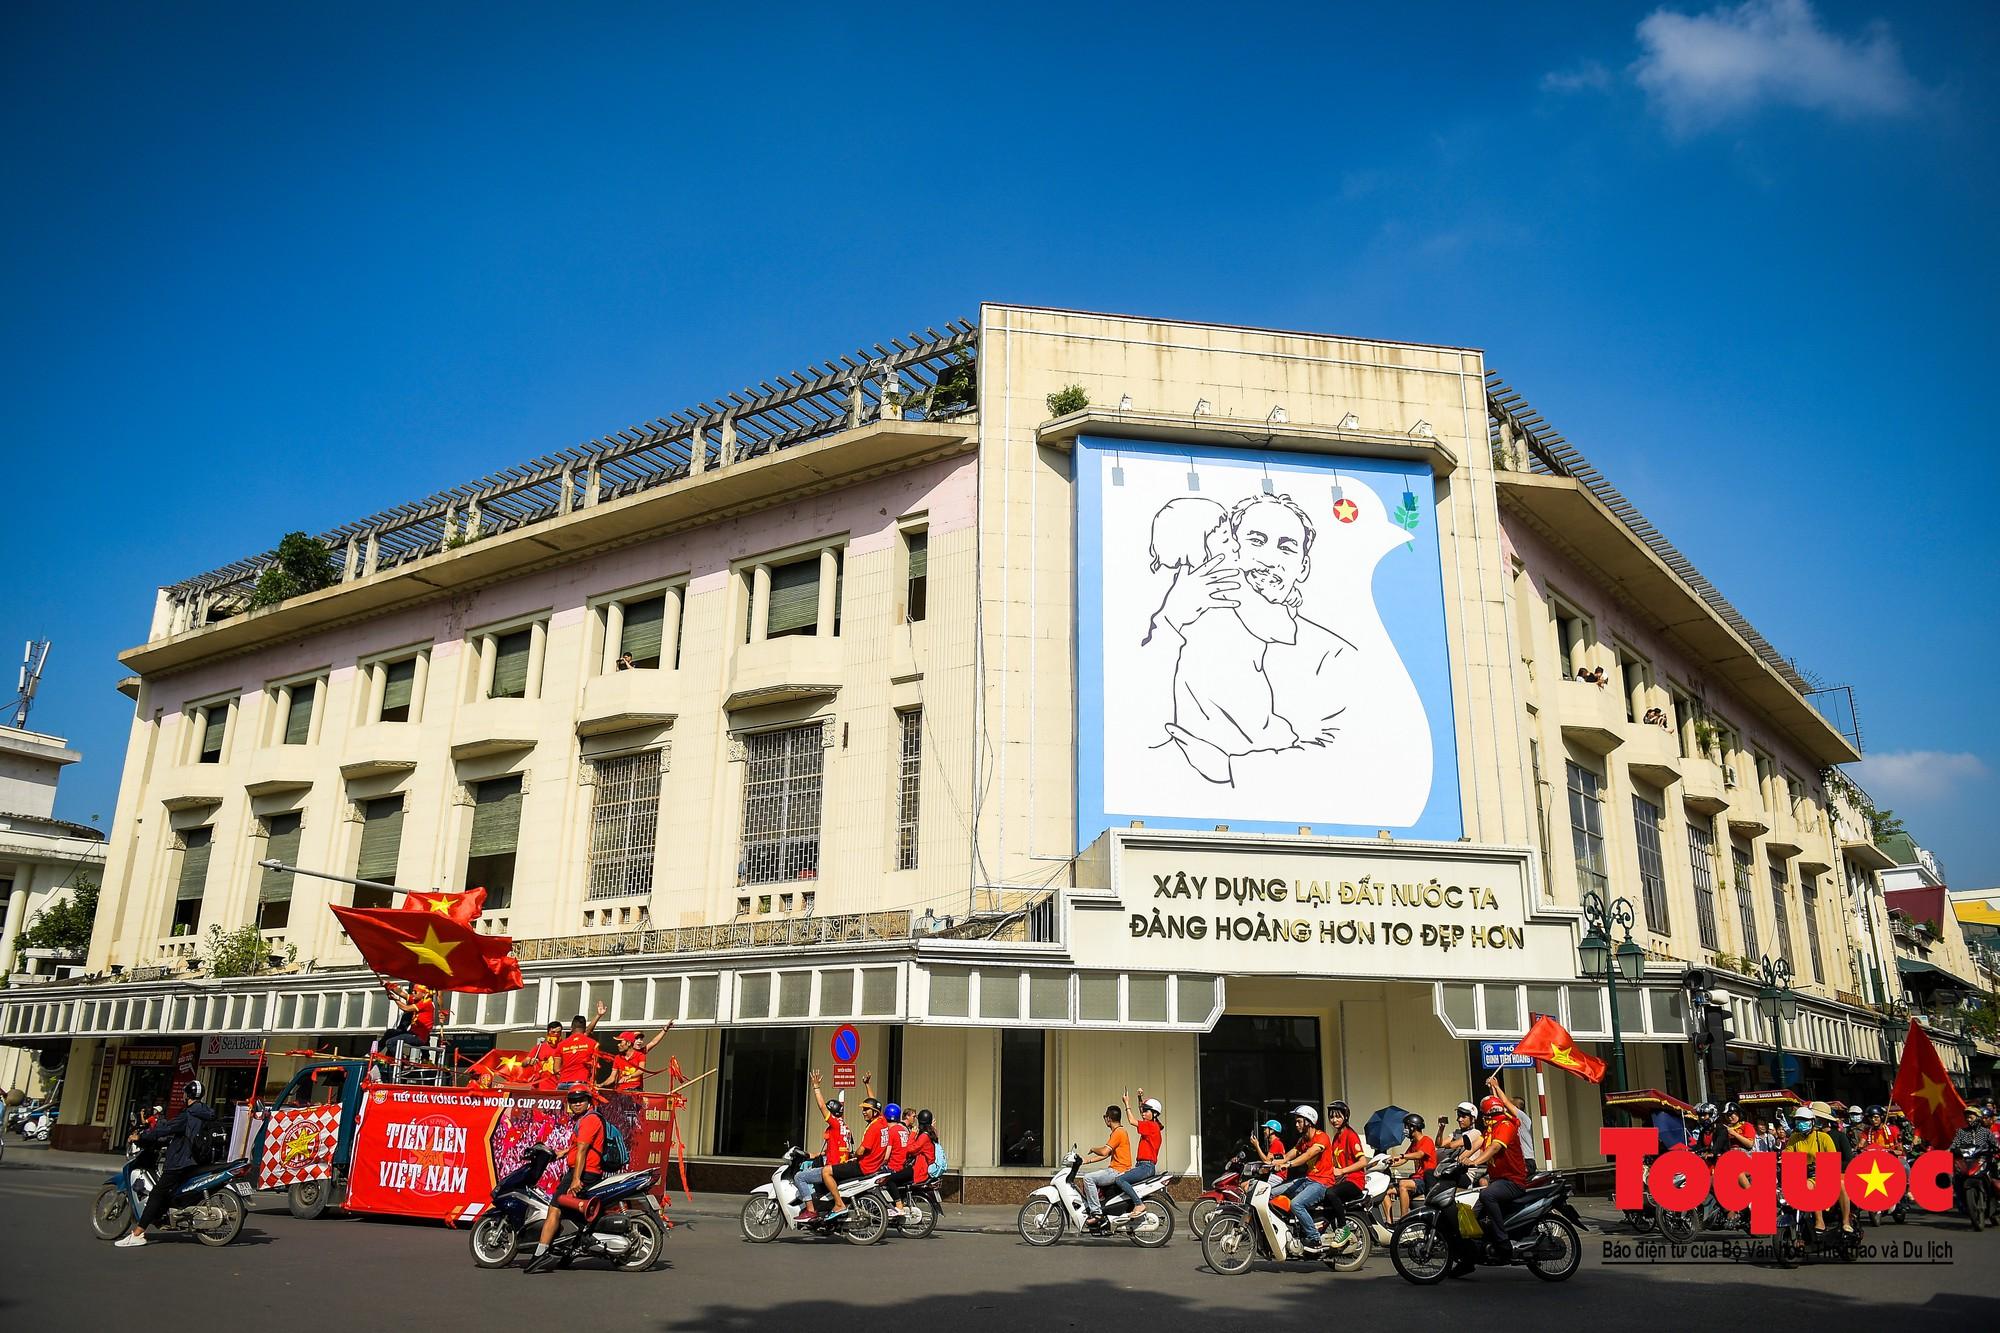 Hàng nghìn CĐV diễu hành qua nhiều tuyến phố Thủ đô tiếp lửa cho các cầu thủ Việt Nam11